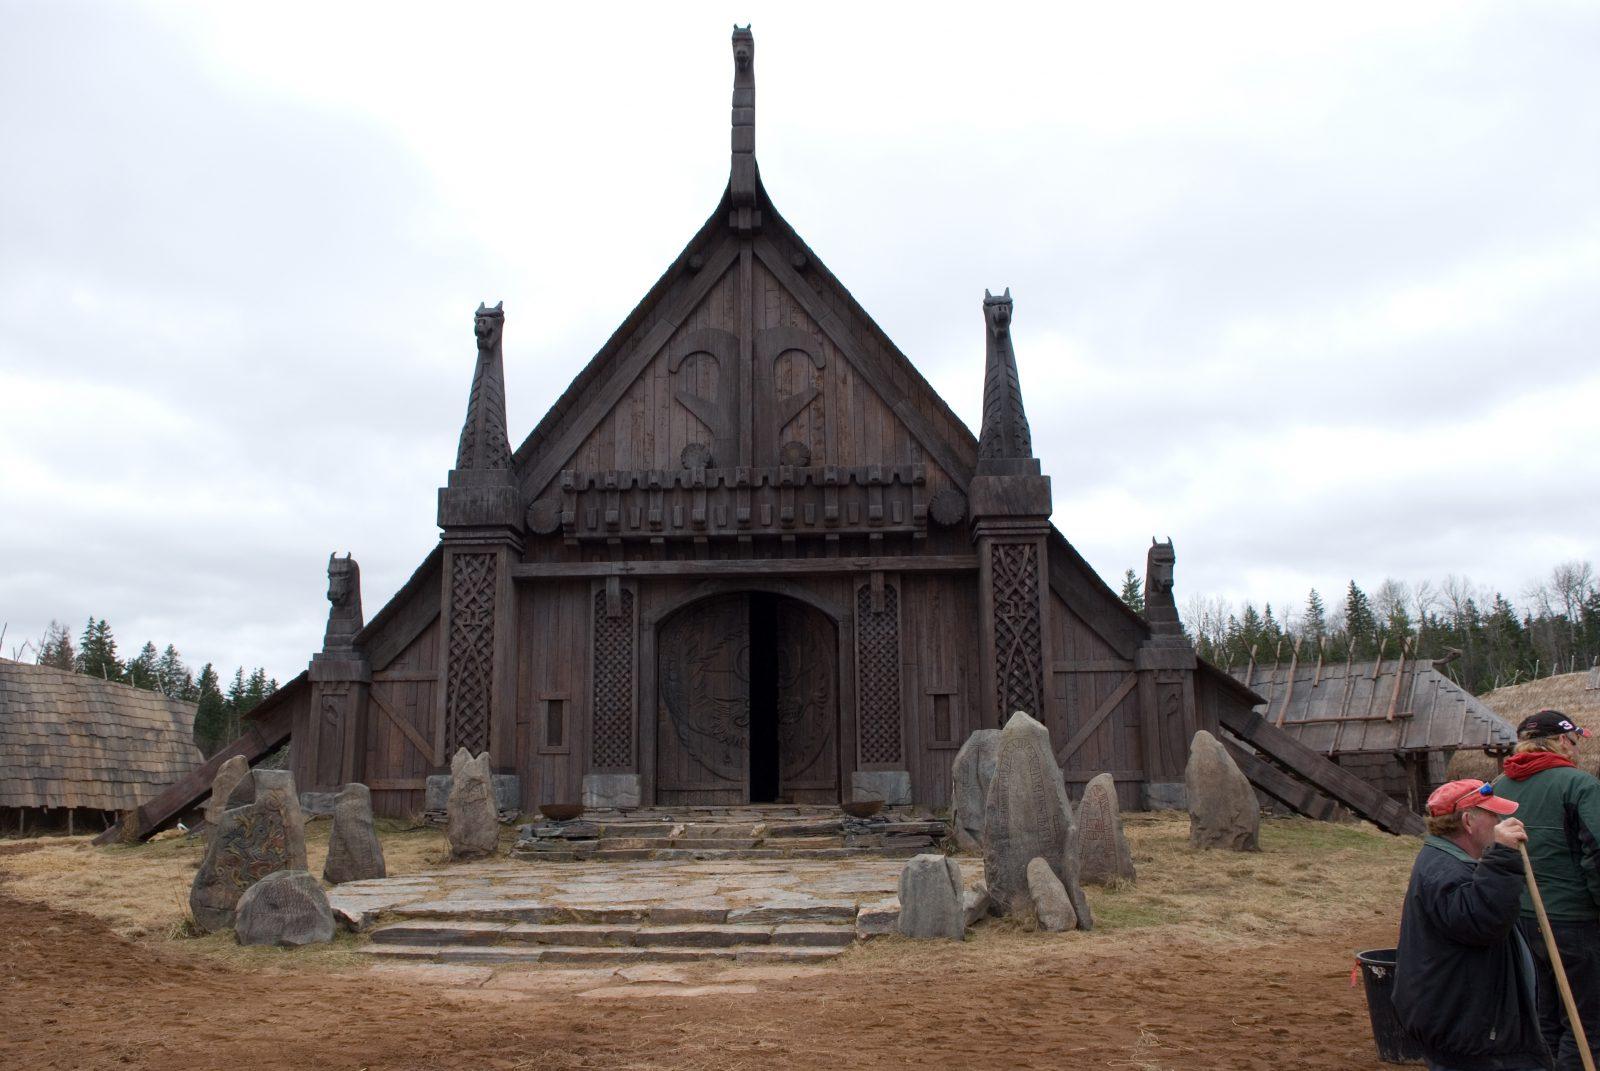 Viking temple